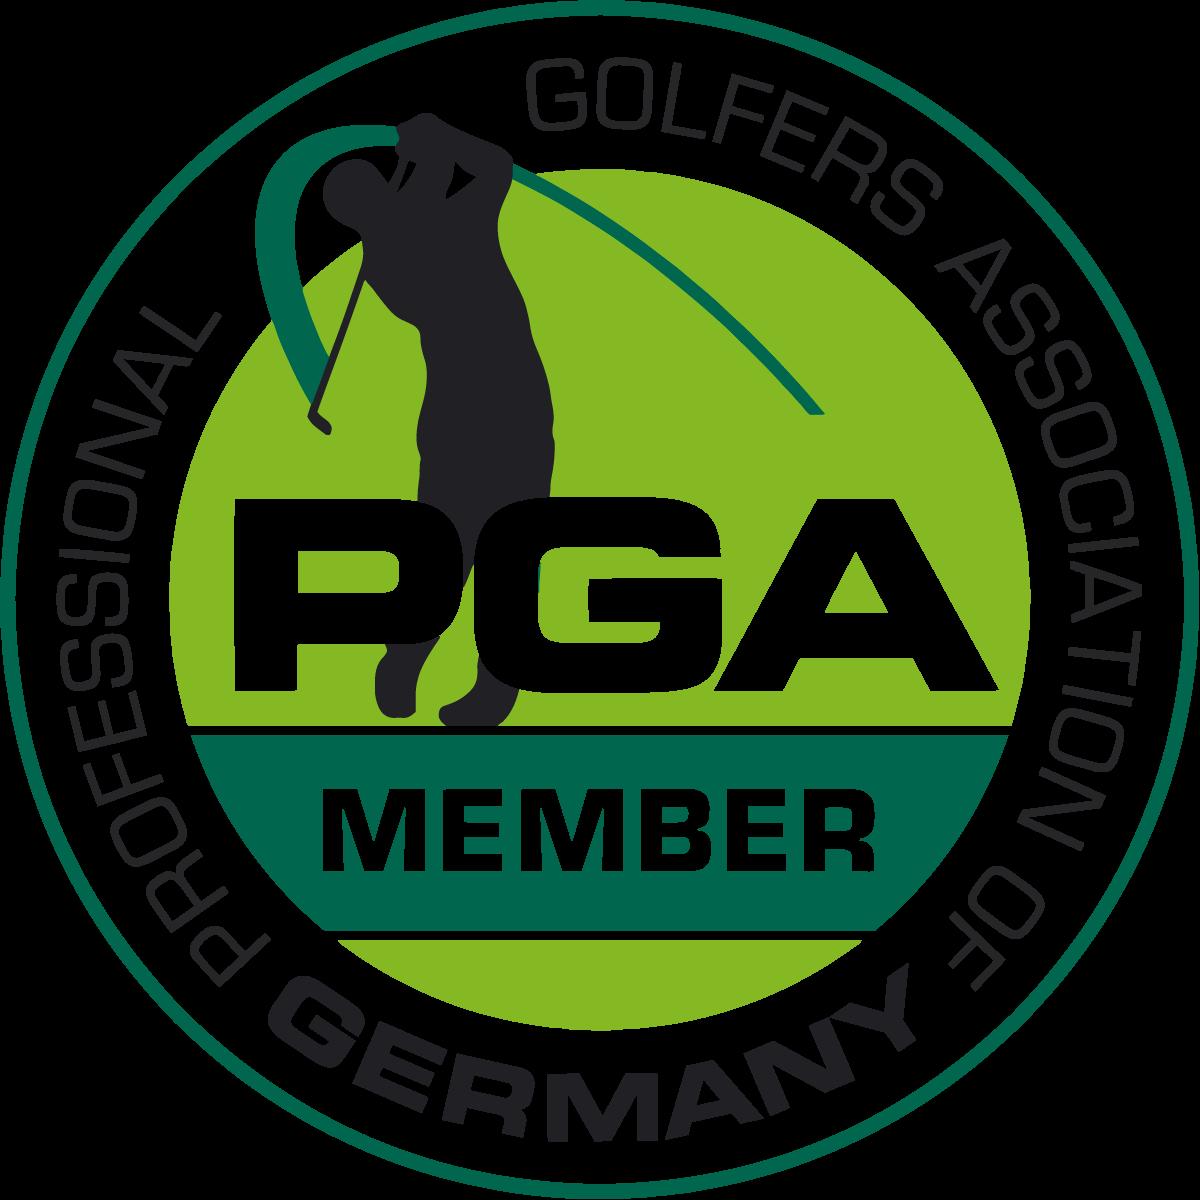 Golfclub Glashofen-Neusaß | Golfschule